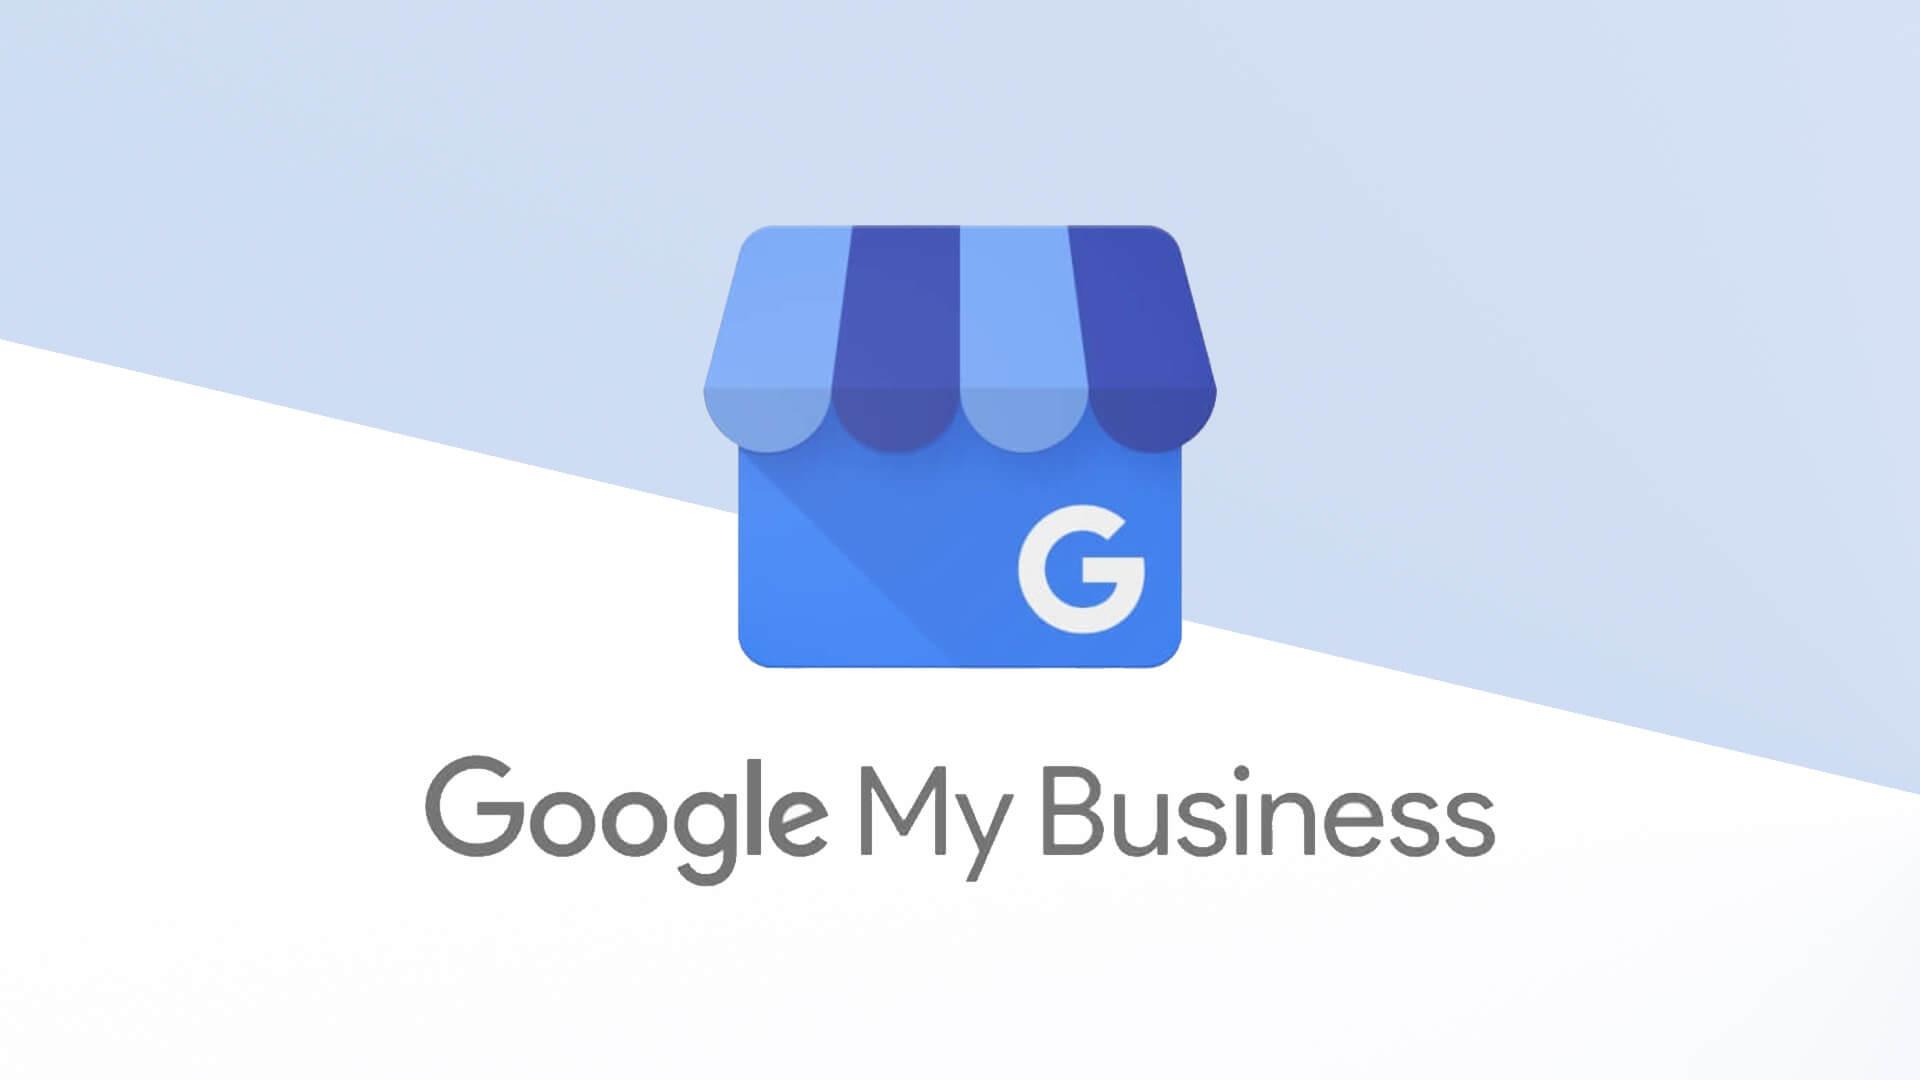 Google My Business no funciona como se esperaba bajo la tensión del coronavirus